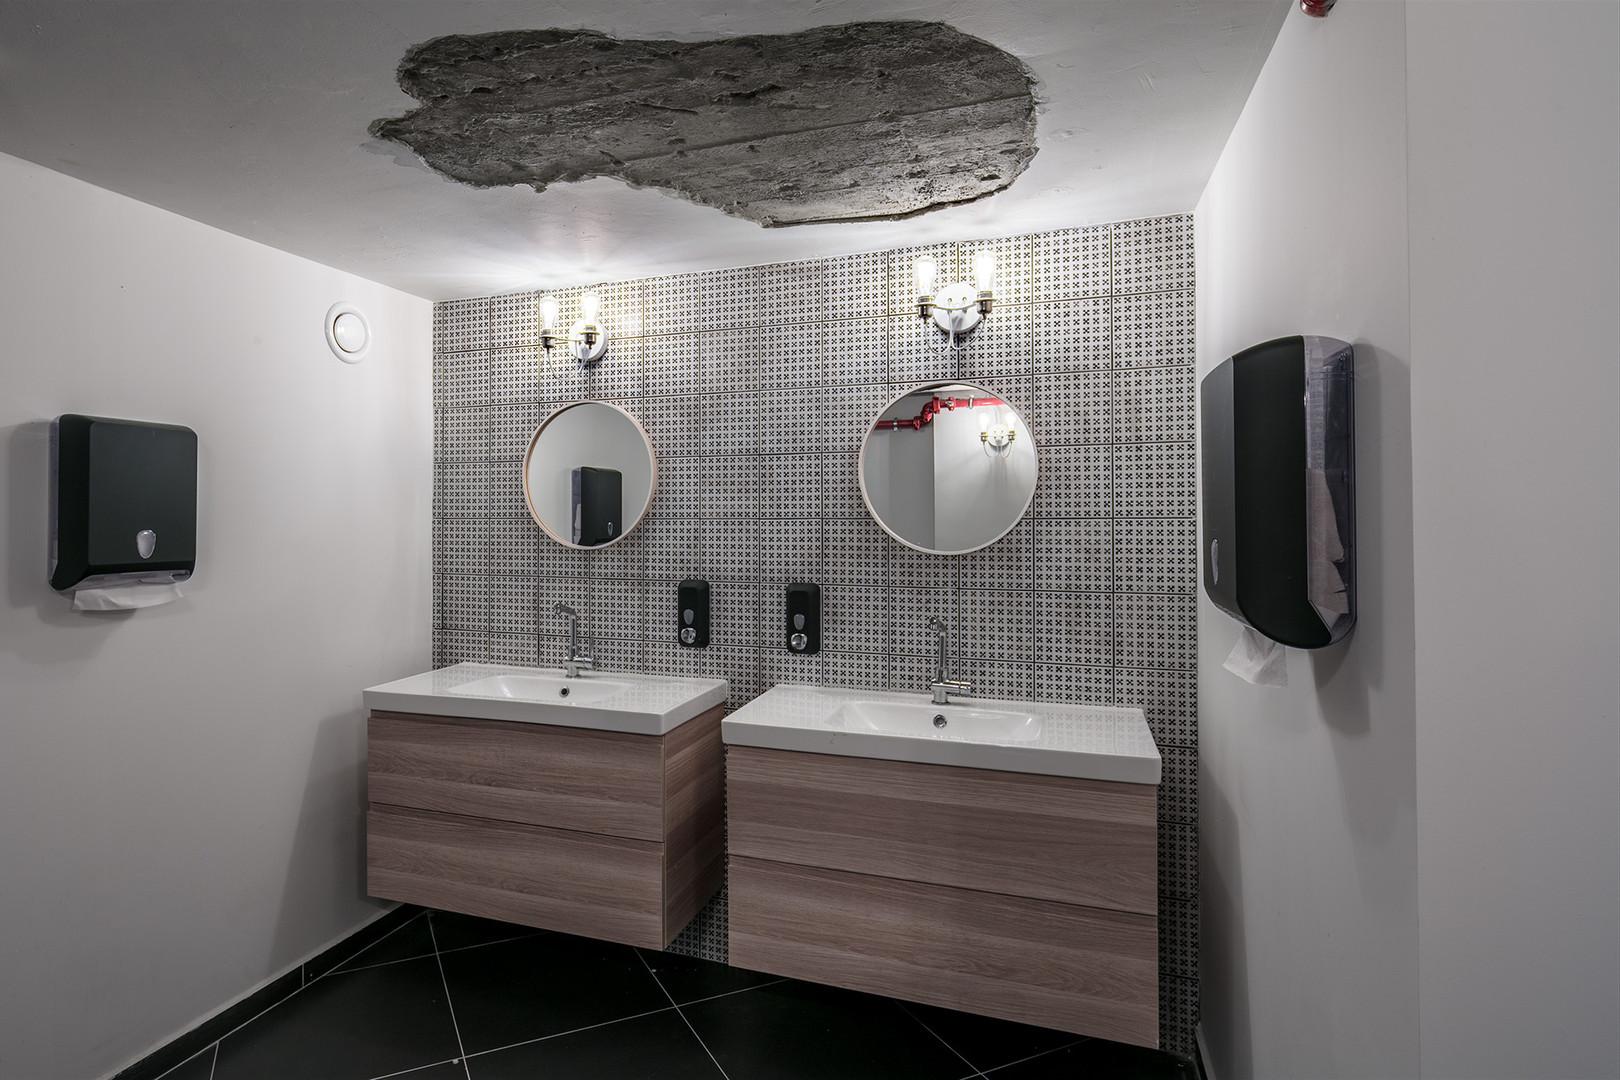 volvo hub toilet